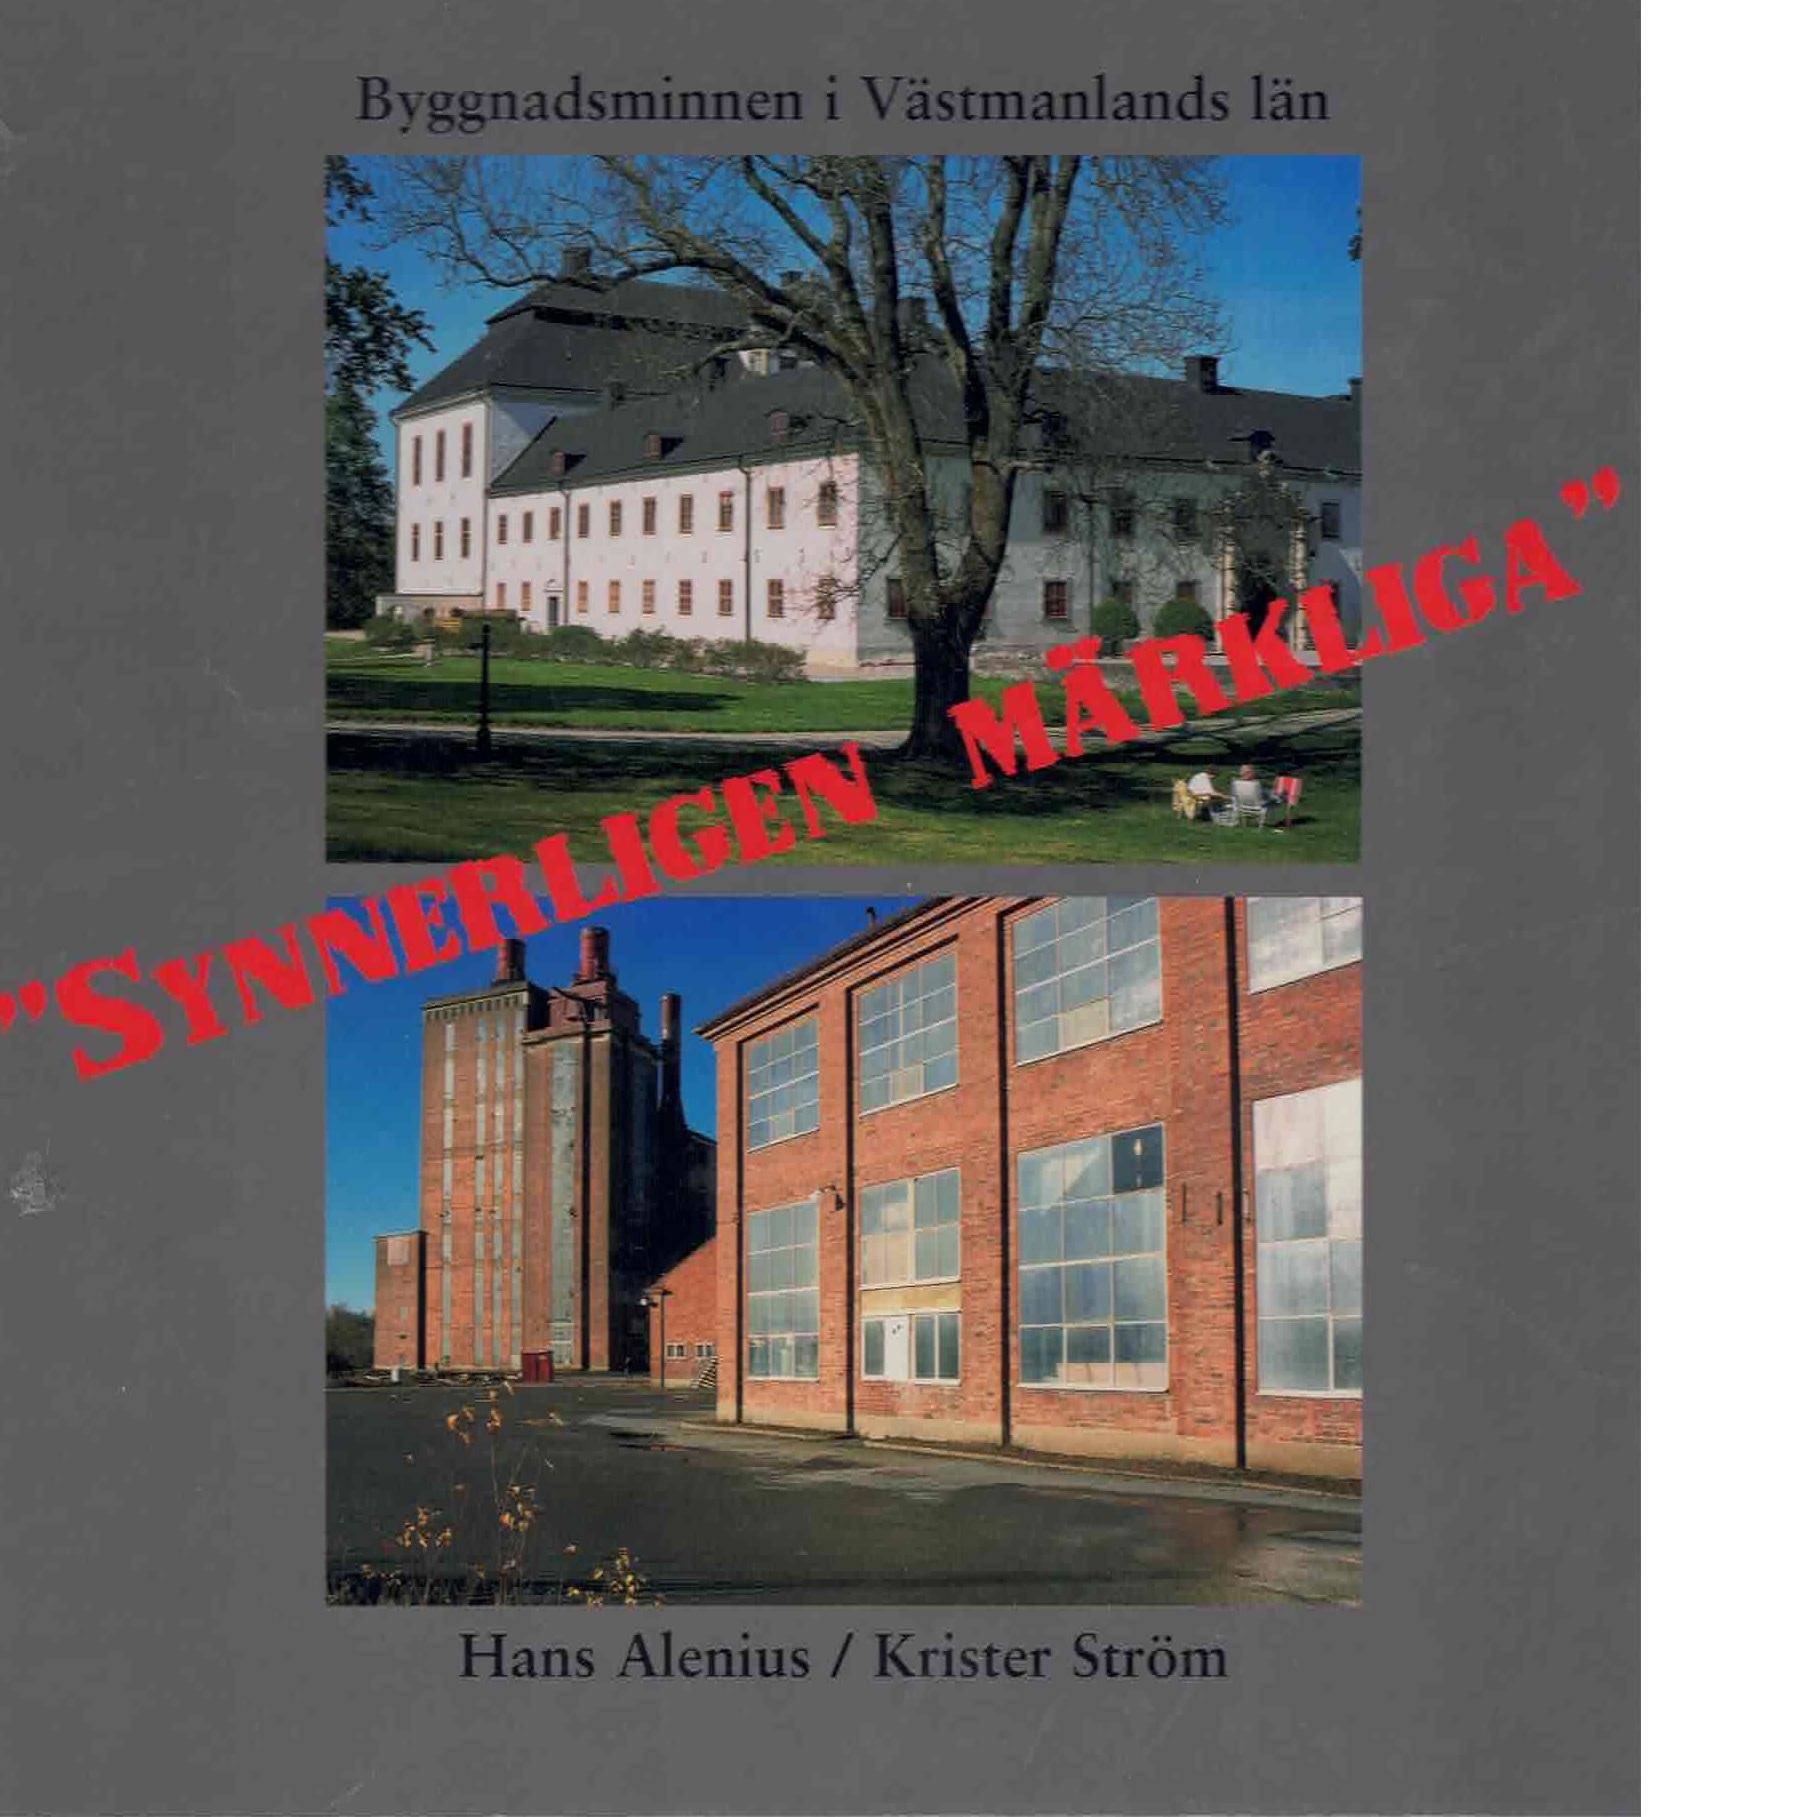 Synnerligen märkliga : byggnadsminnen i Västmanlands län - Ström, Krister